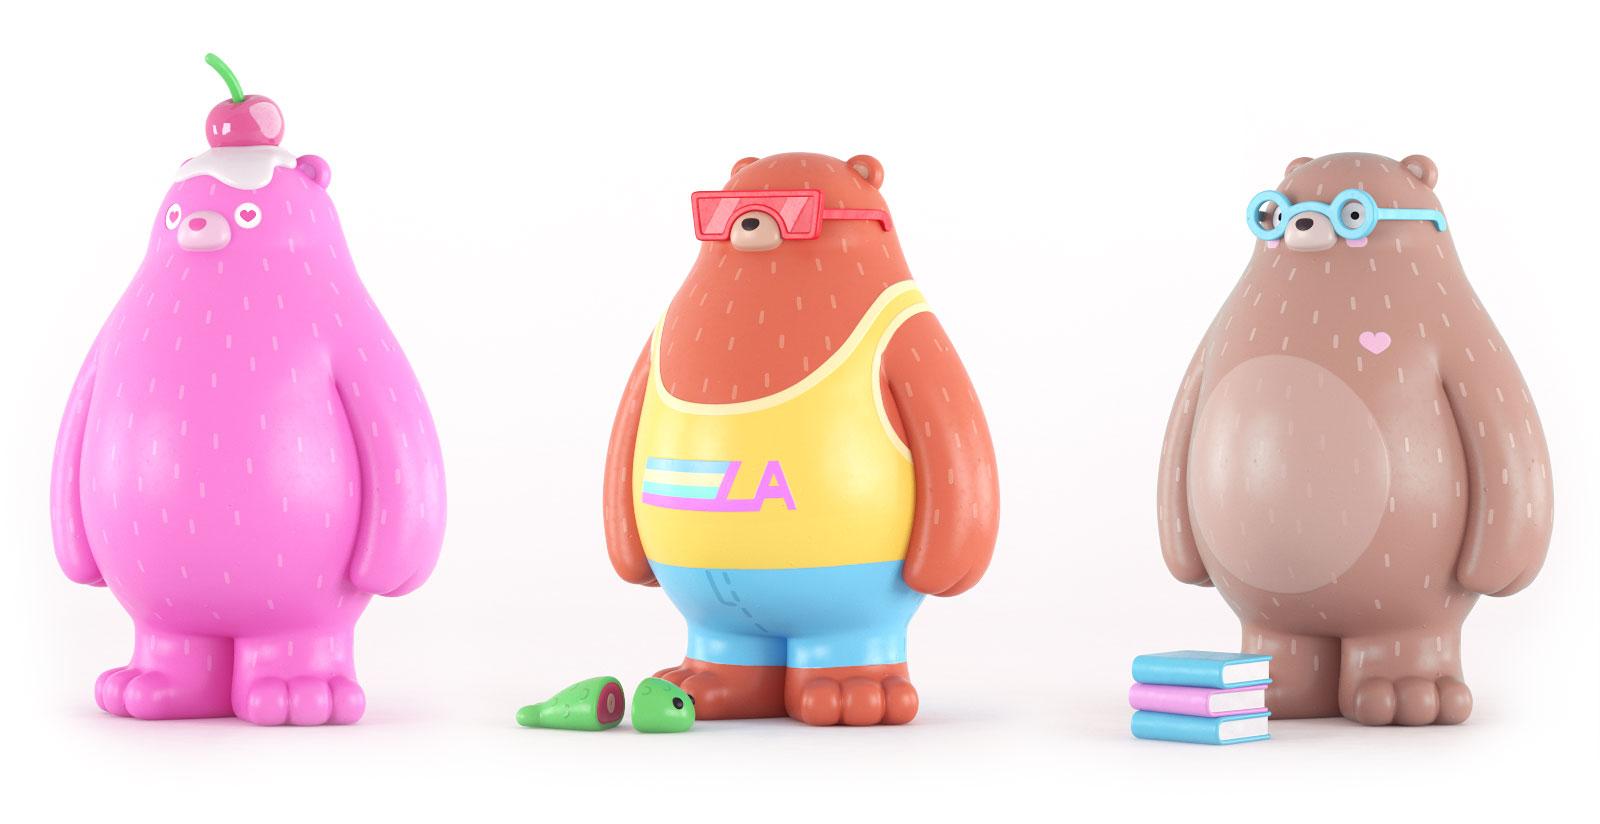 yum-yum-toys-bear-toys@1600.jpg